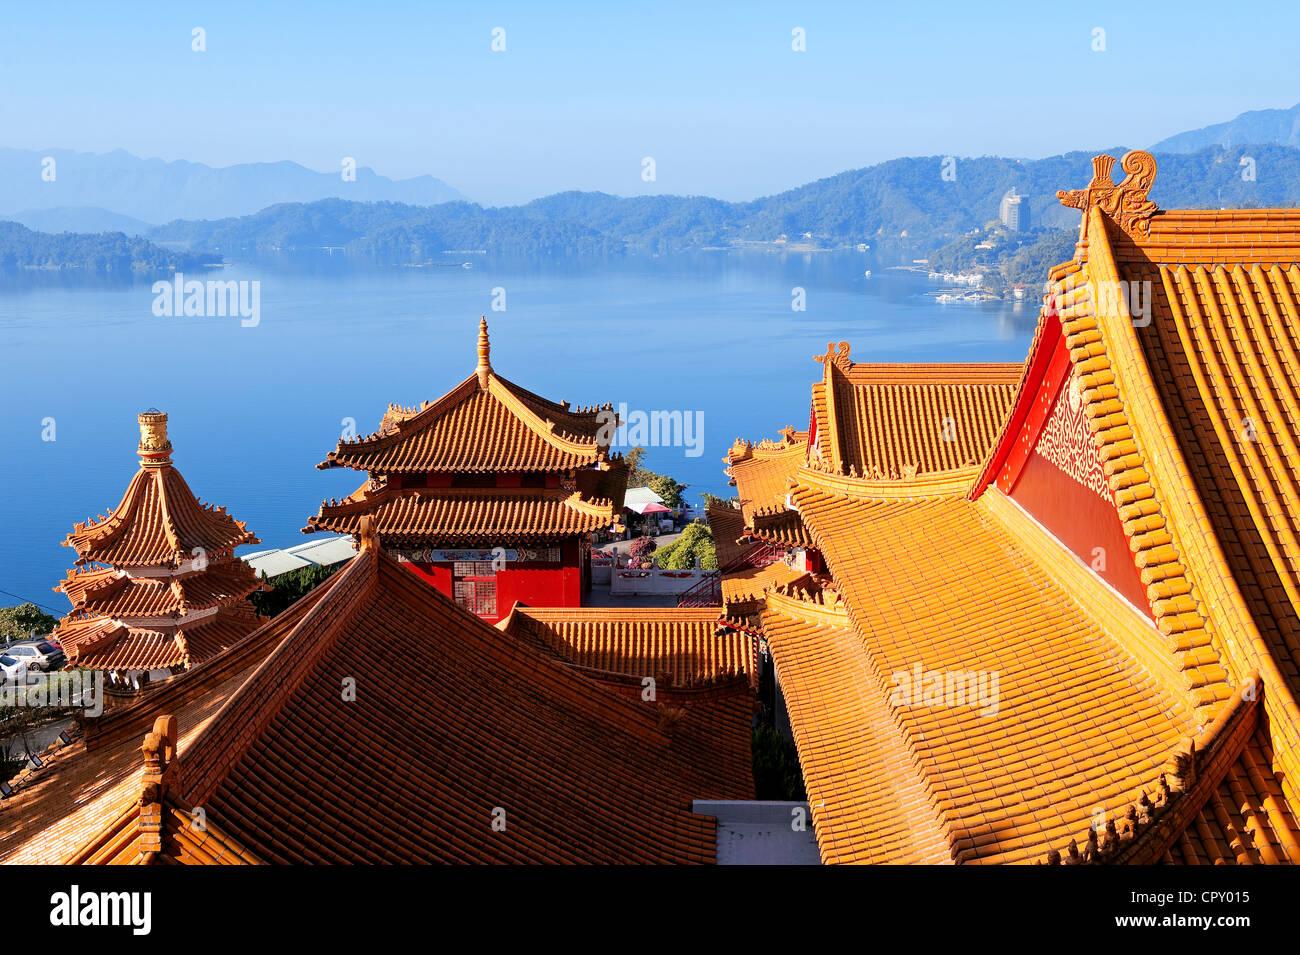 Taiwán, distrito de Nantou, Sun Moon Lake, Región, el templo de Confucio (Wenwu Temple). Imagen De Stock